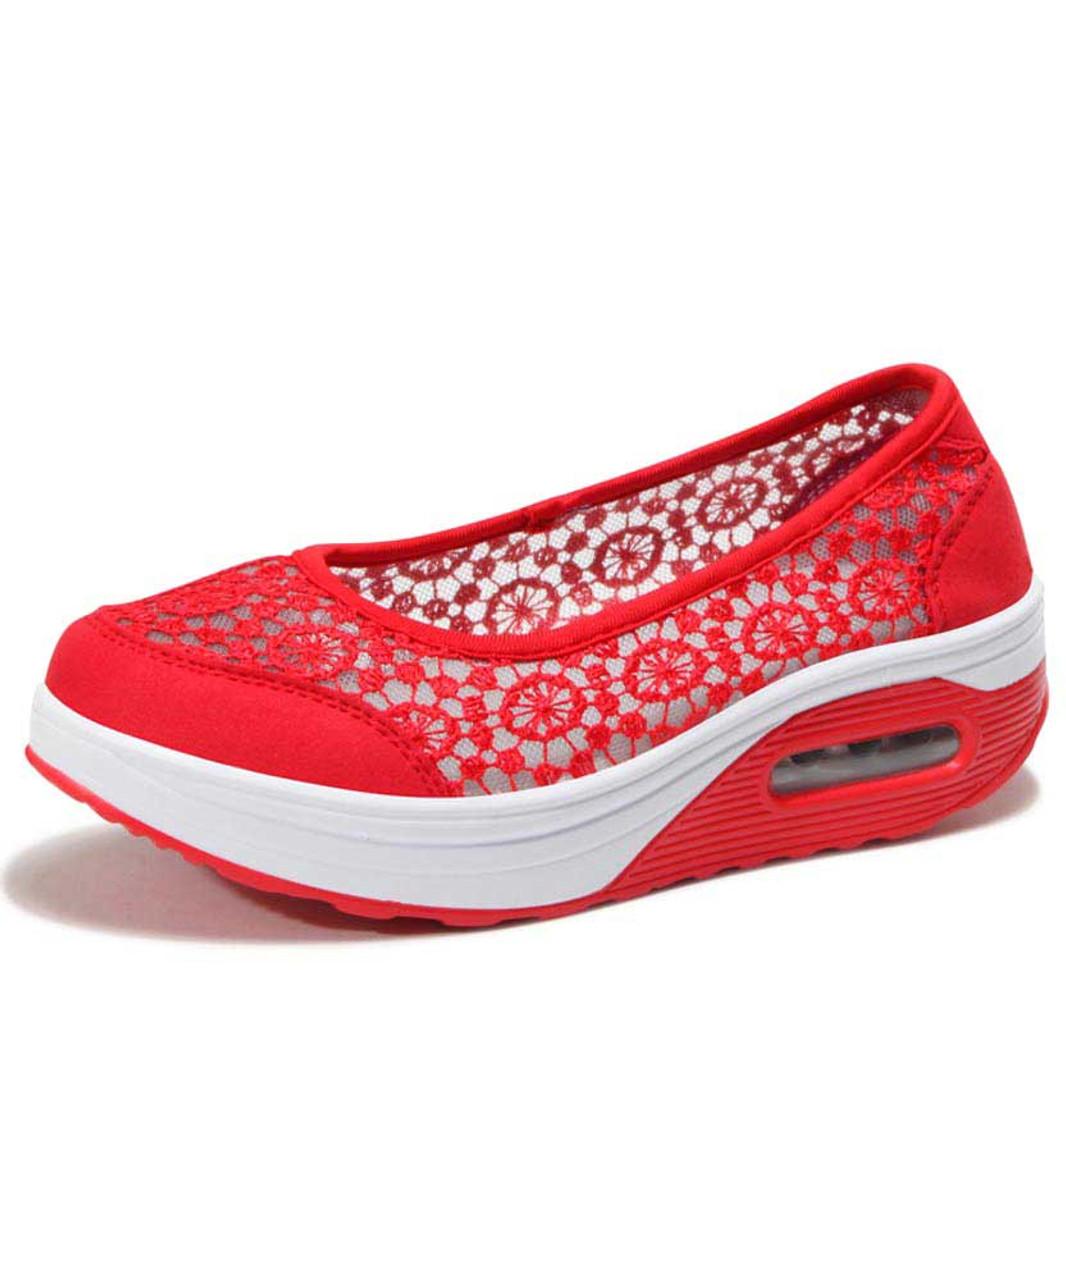 super popular 461d8 c97b4 Red lace low cut slip on rocker bottom shoe sneaker